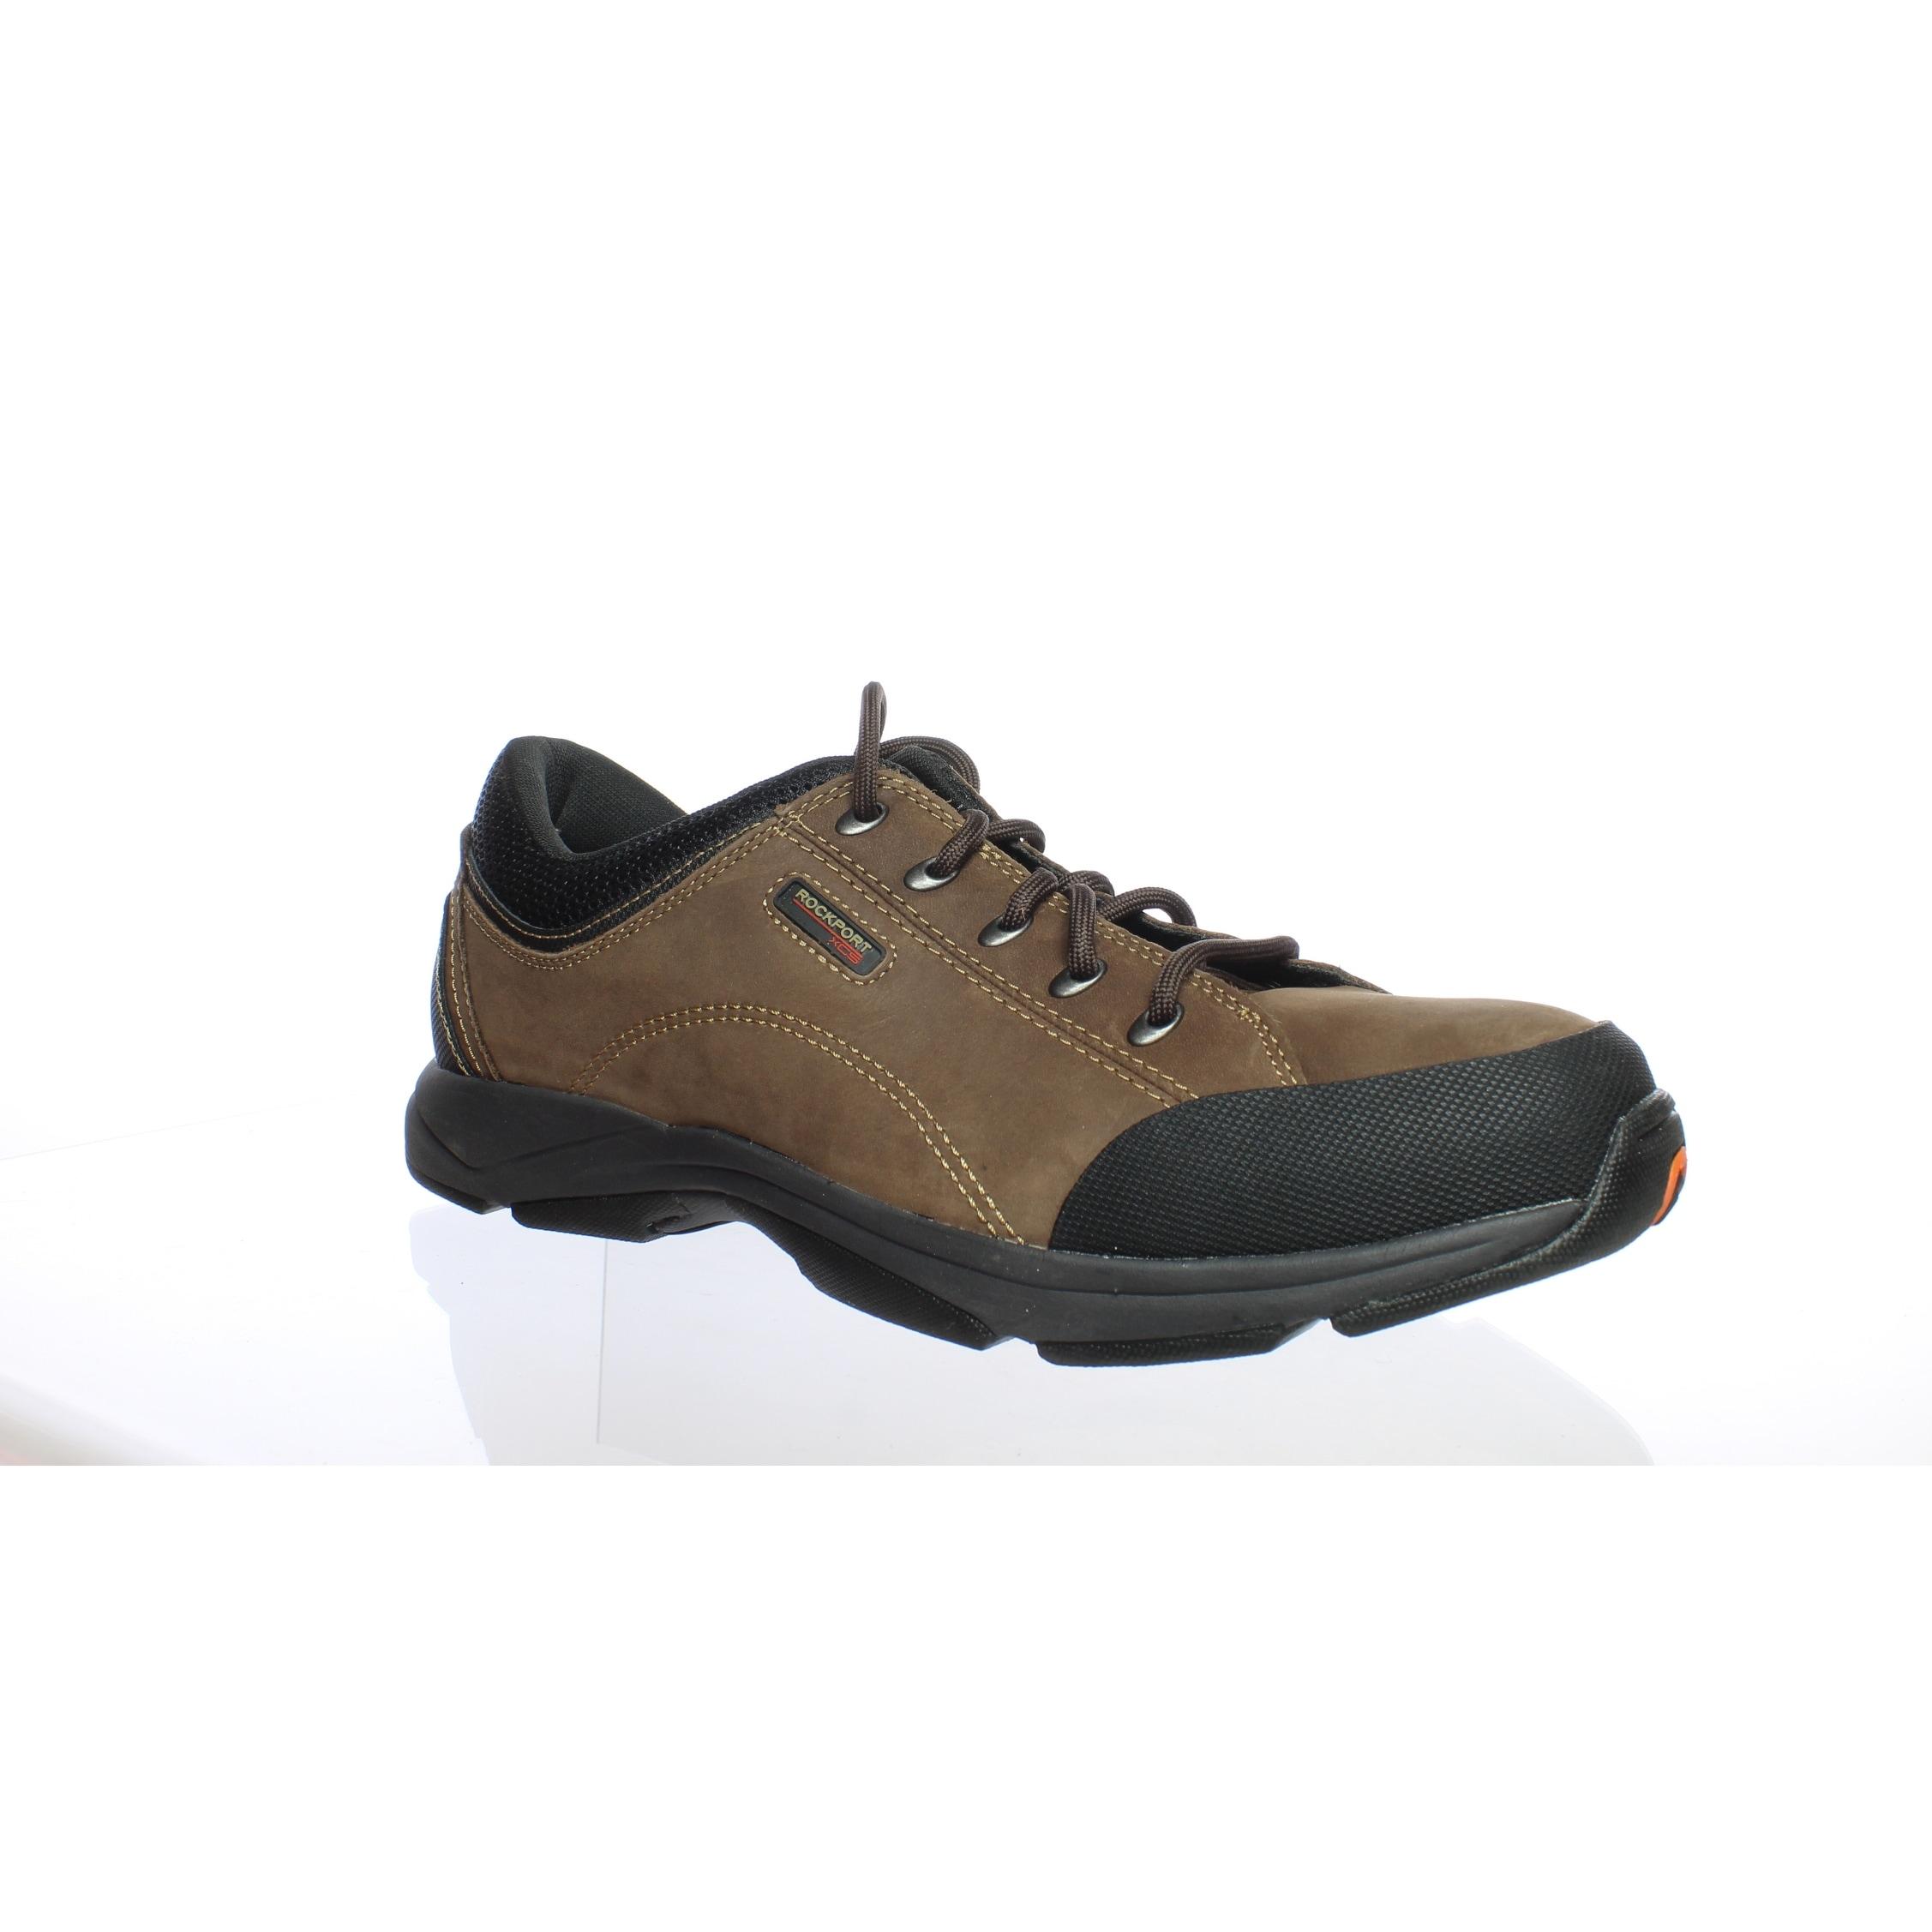 Rockin' Chranson Brown Walking Shoes